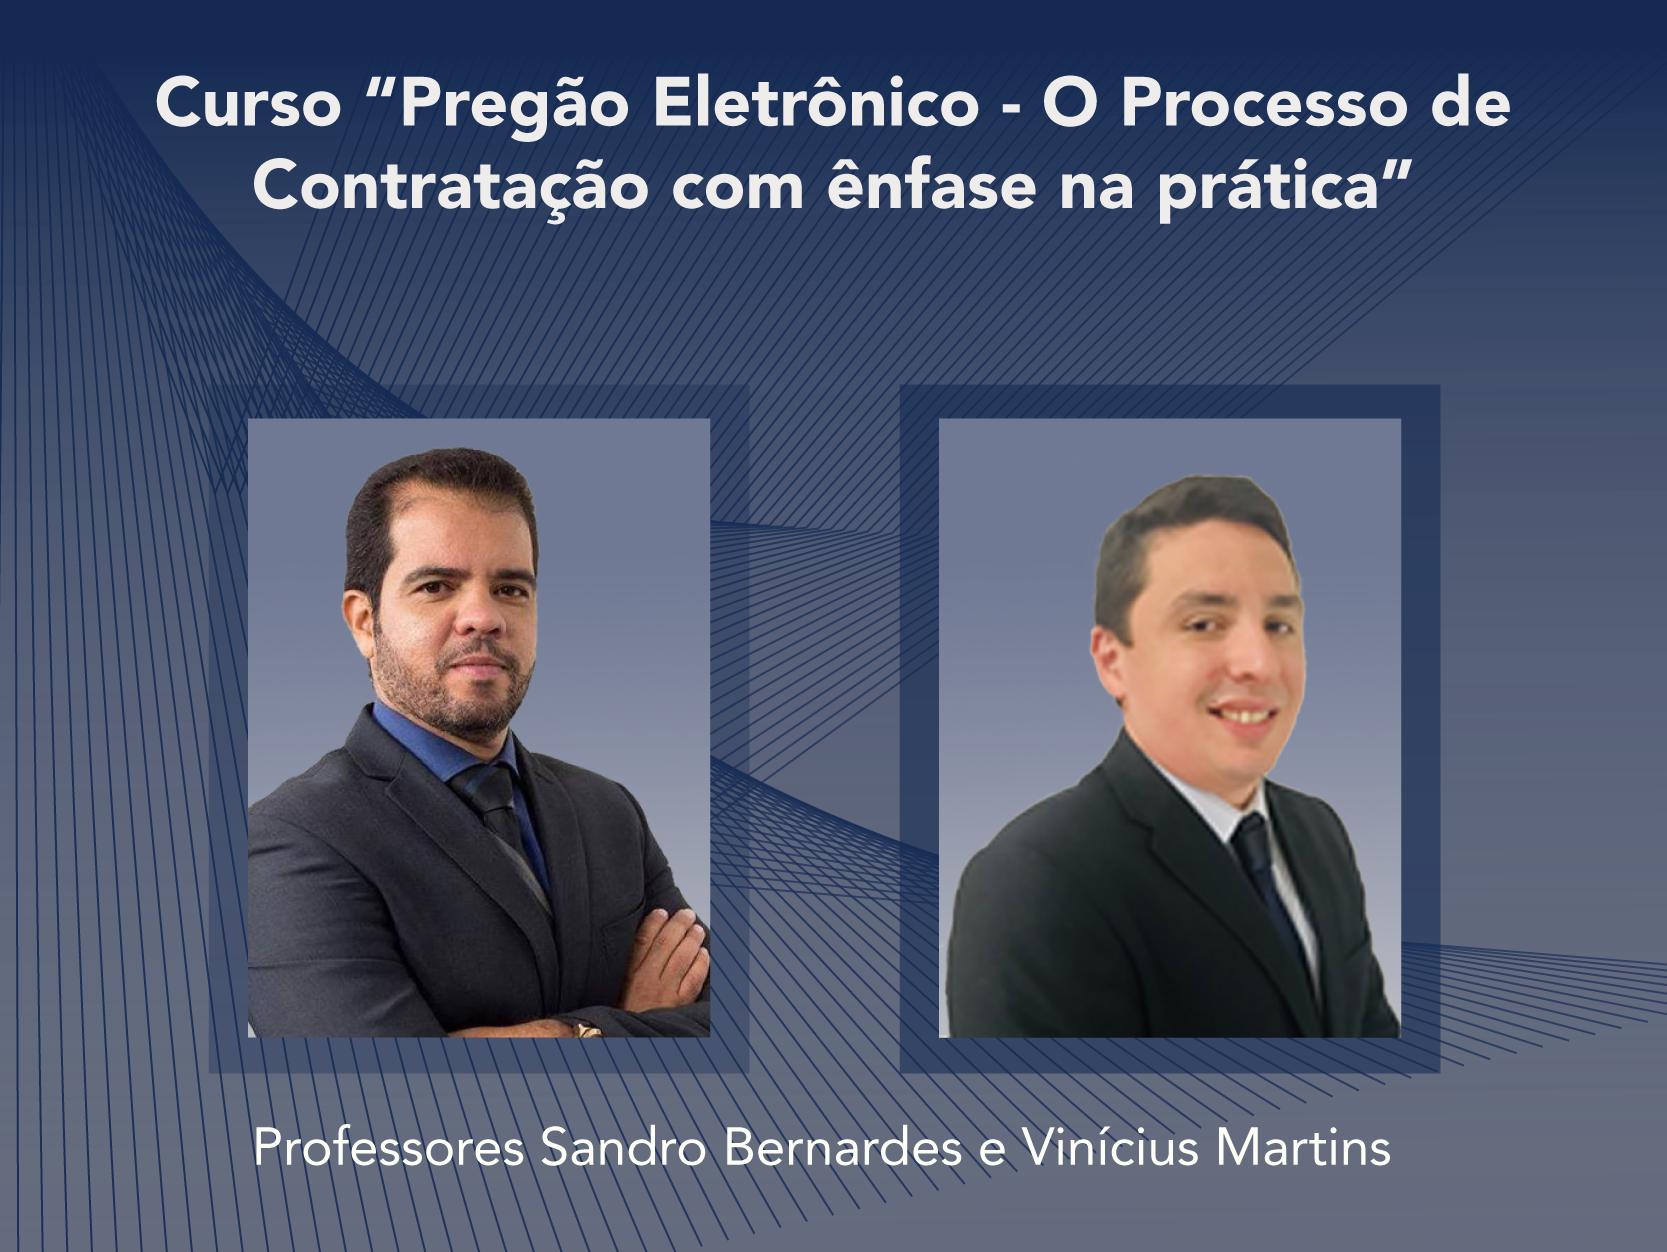 Curso: Pregão Eletrônico - O Processo de Contratação com ênfase na prática - Não perca!!!